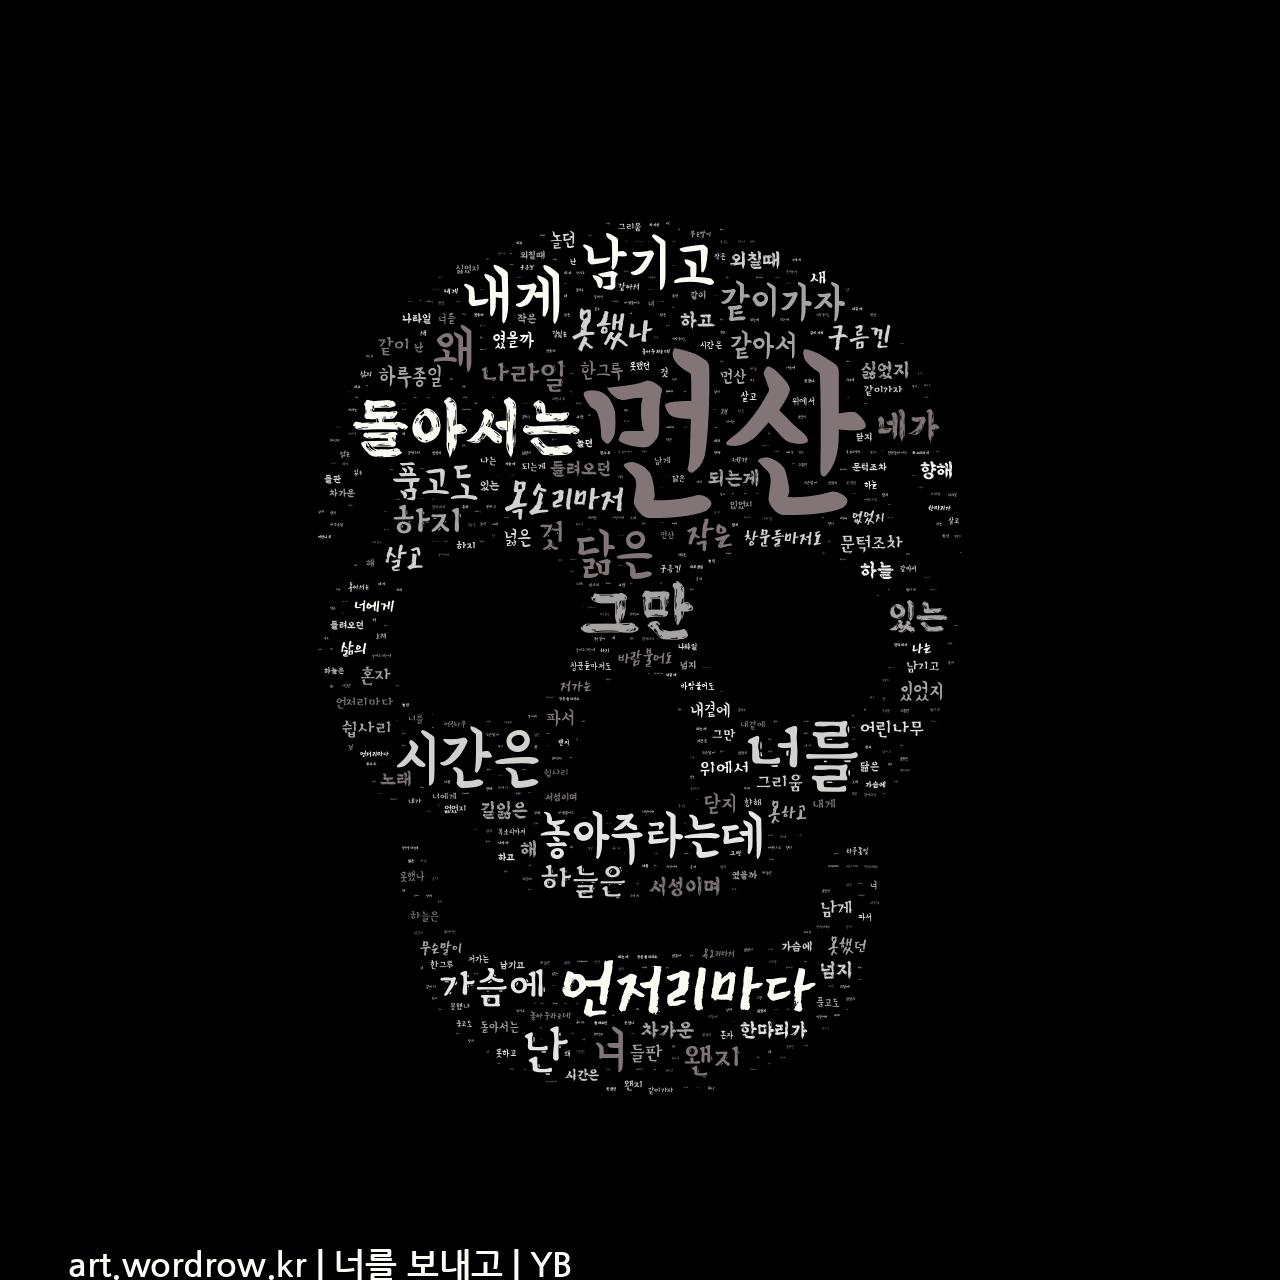 워드 클라우드: 너를 보내고 [YB]-10